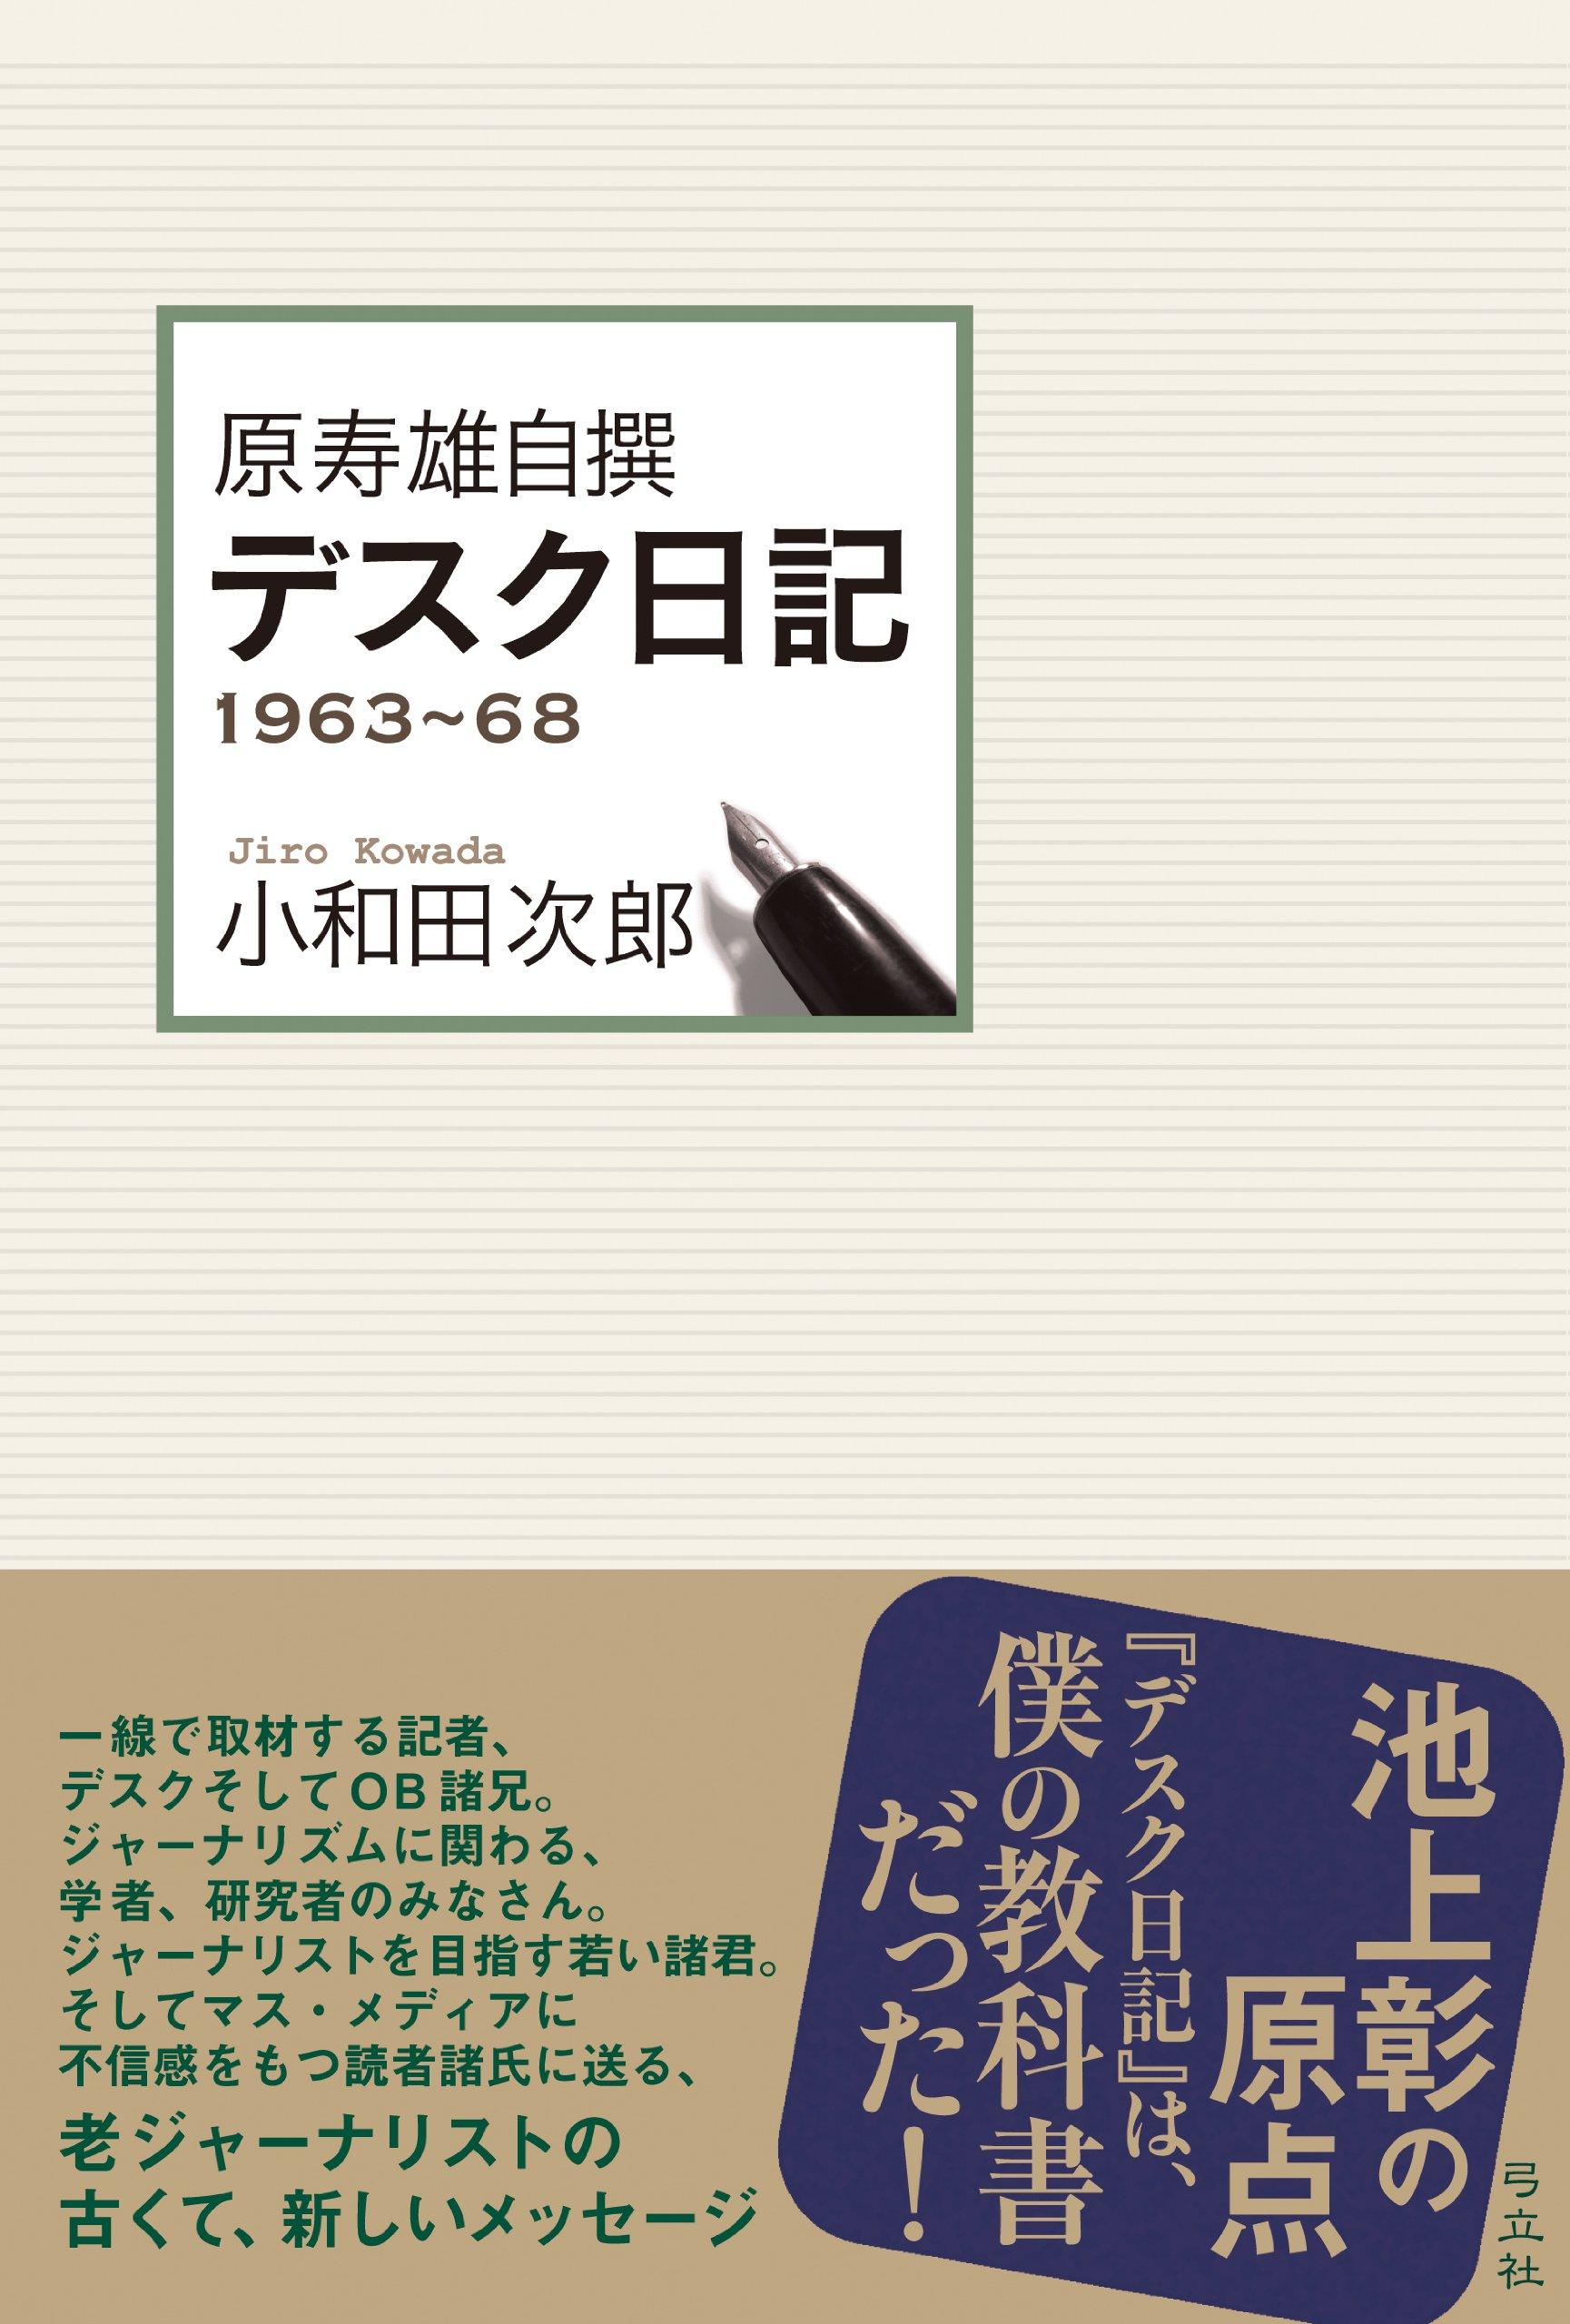 原寿雄自撰 デスク日記